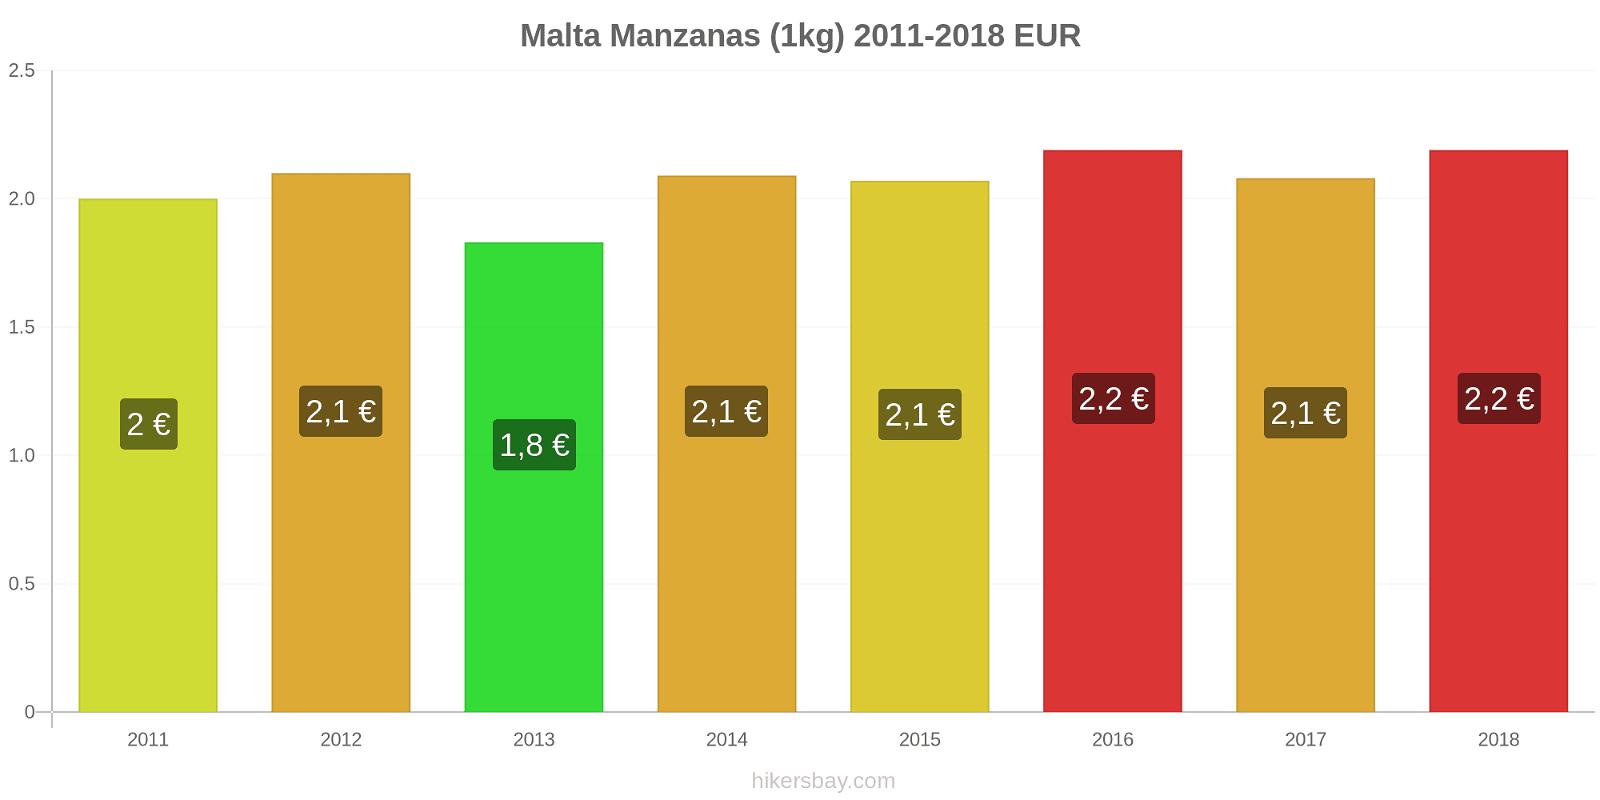 Malta cambios de precios Manzanas (1kg) hikersbay.com